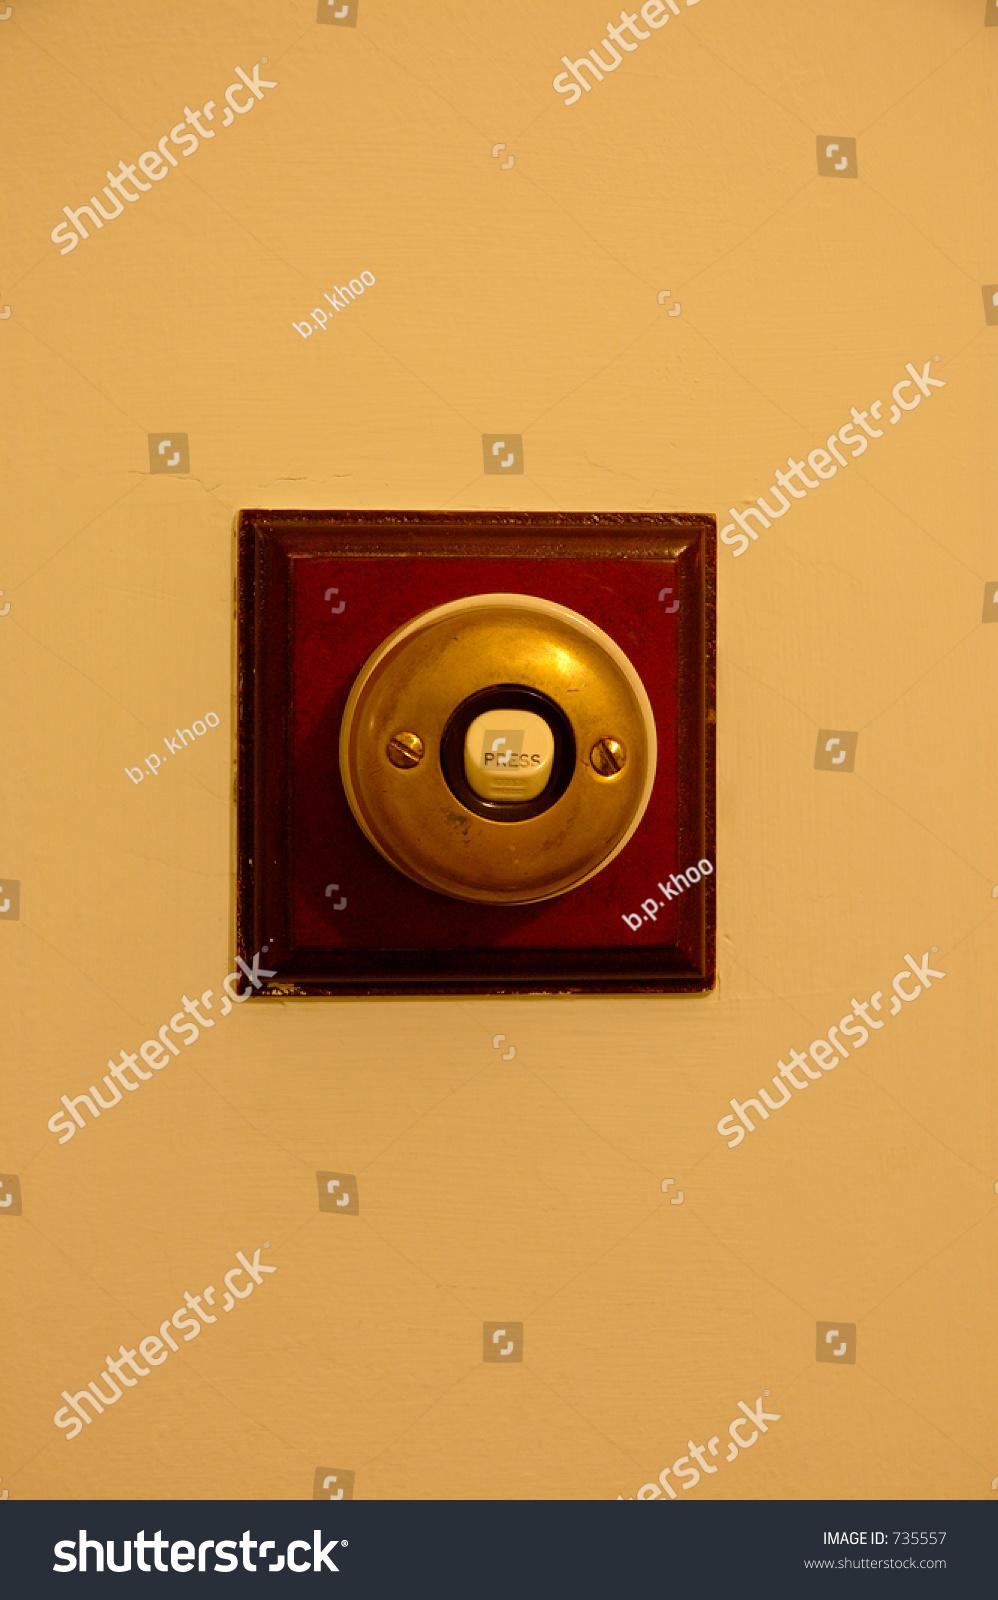 Door Bell Stock Photo Edit Now 735557 Shutterstock Musical Doorbell Circuit With Over Light